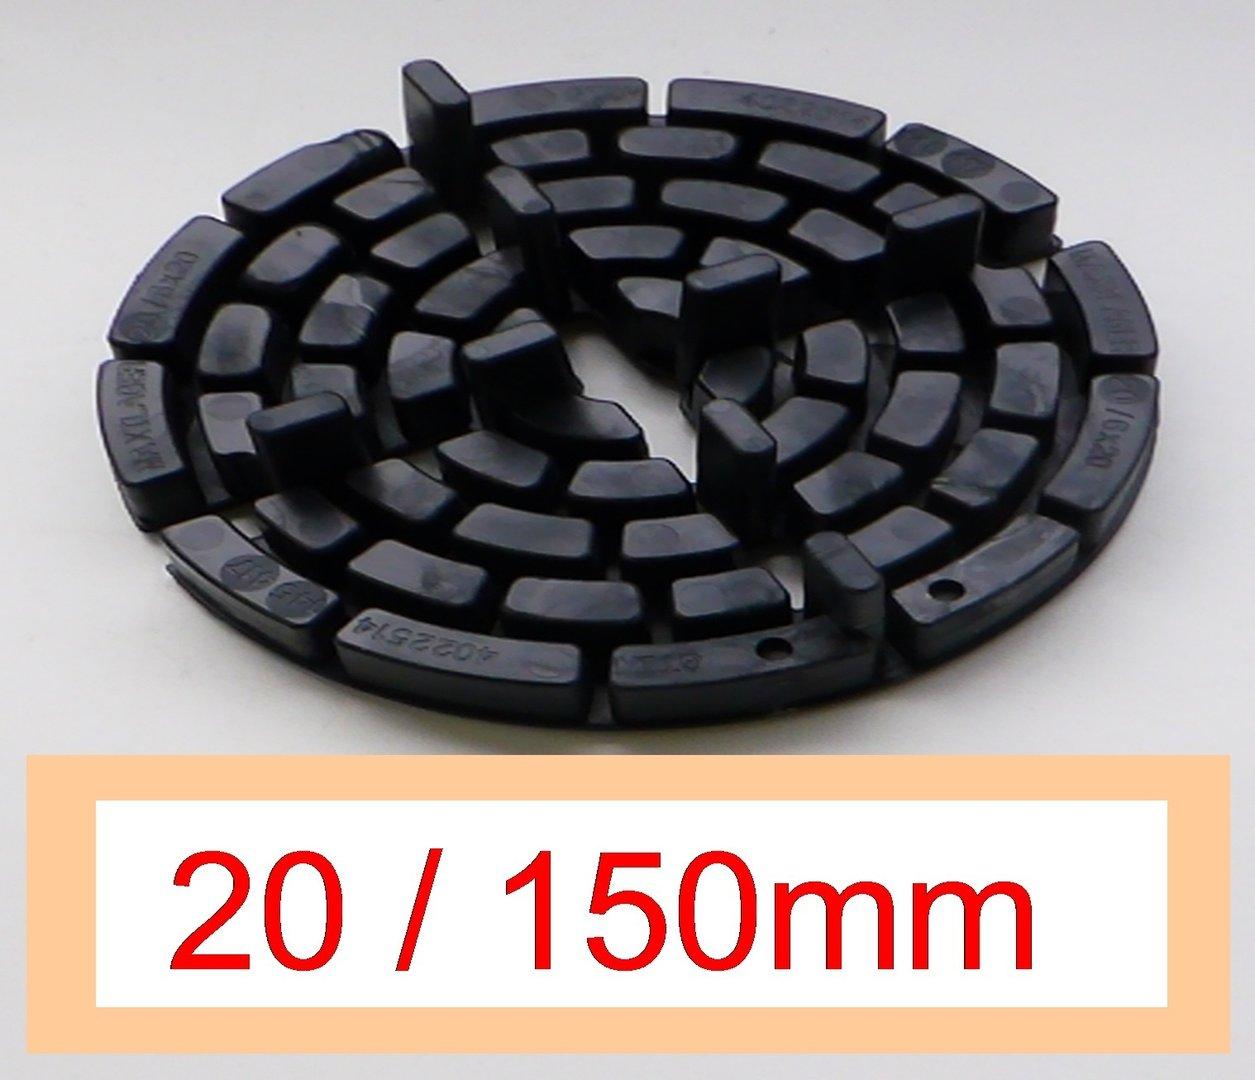 30 plattenlager dd19 10 h he 20mm 150mm fuge 4mm steg 10mm h henverstellbar. Black Bedroom Furniture Sets. Home Design Ideas